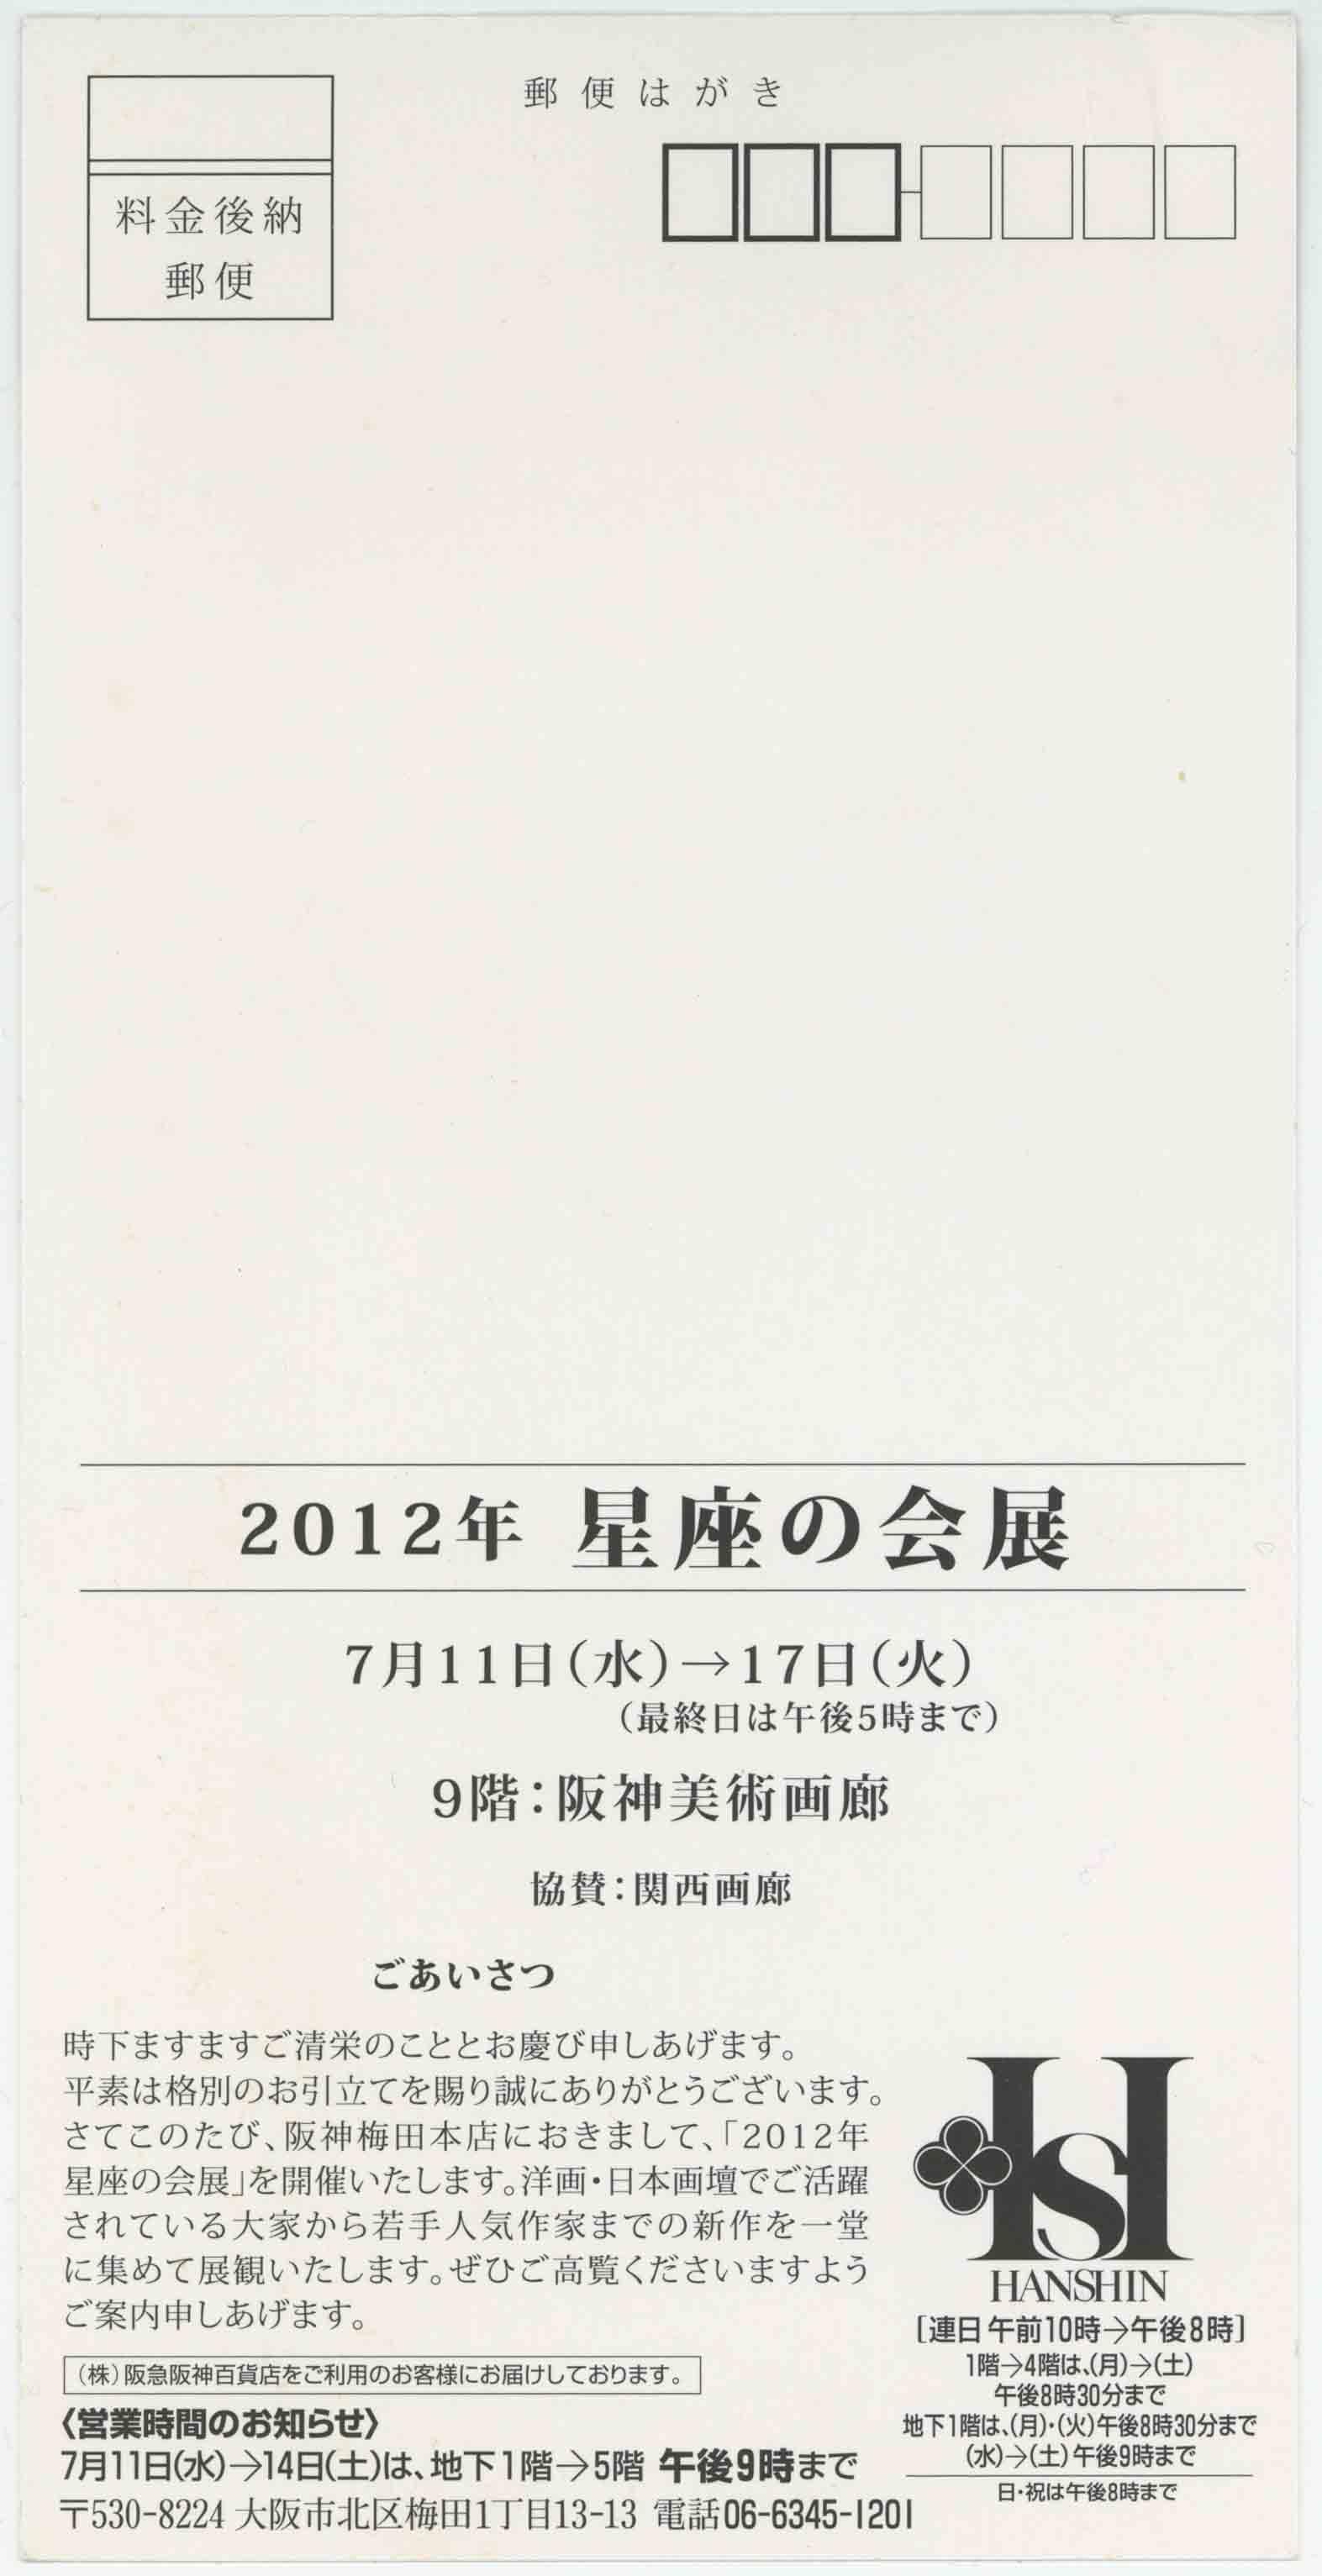 2012年 星座の会展